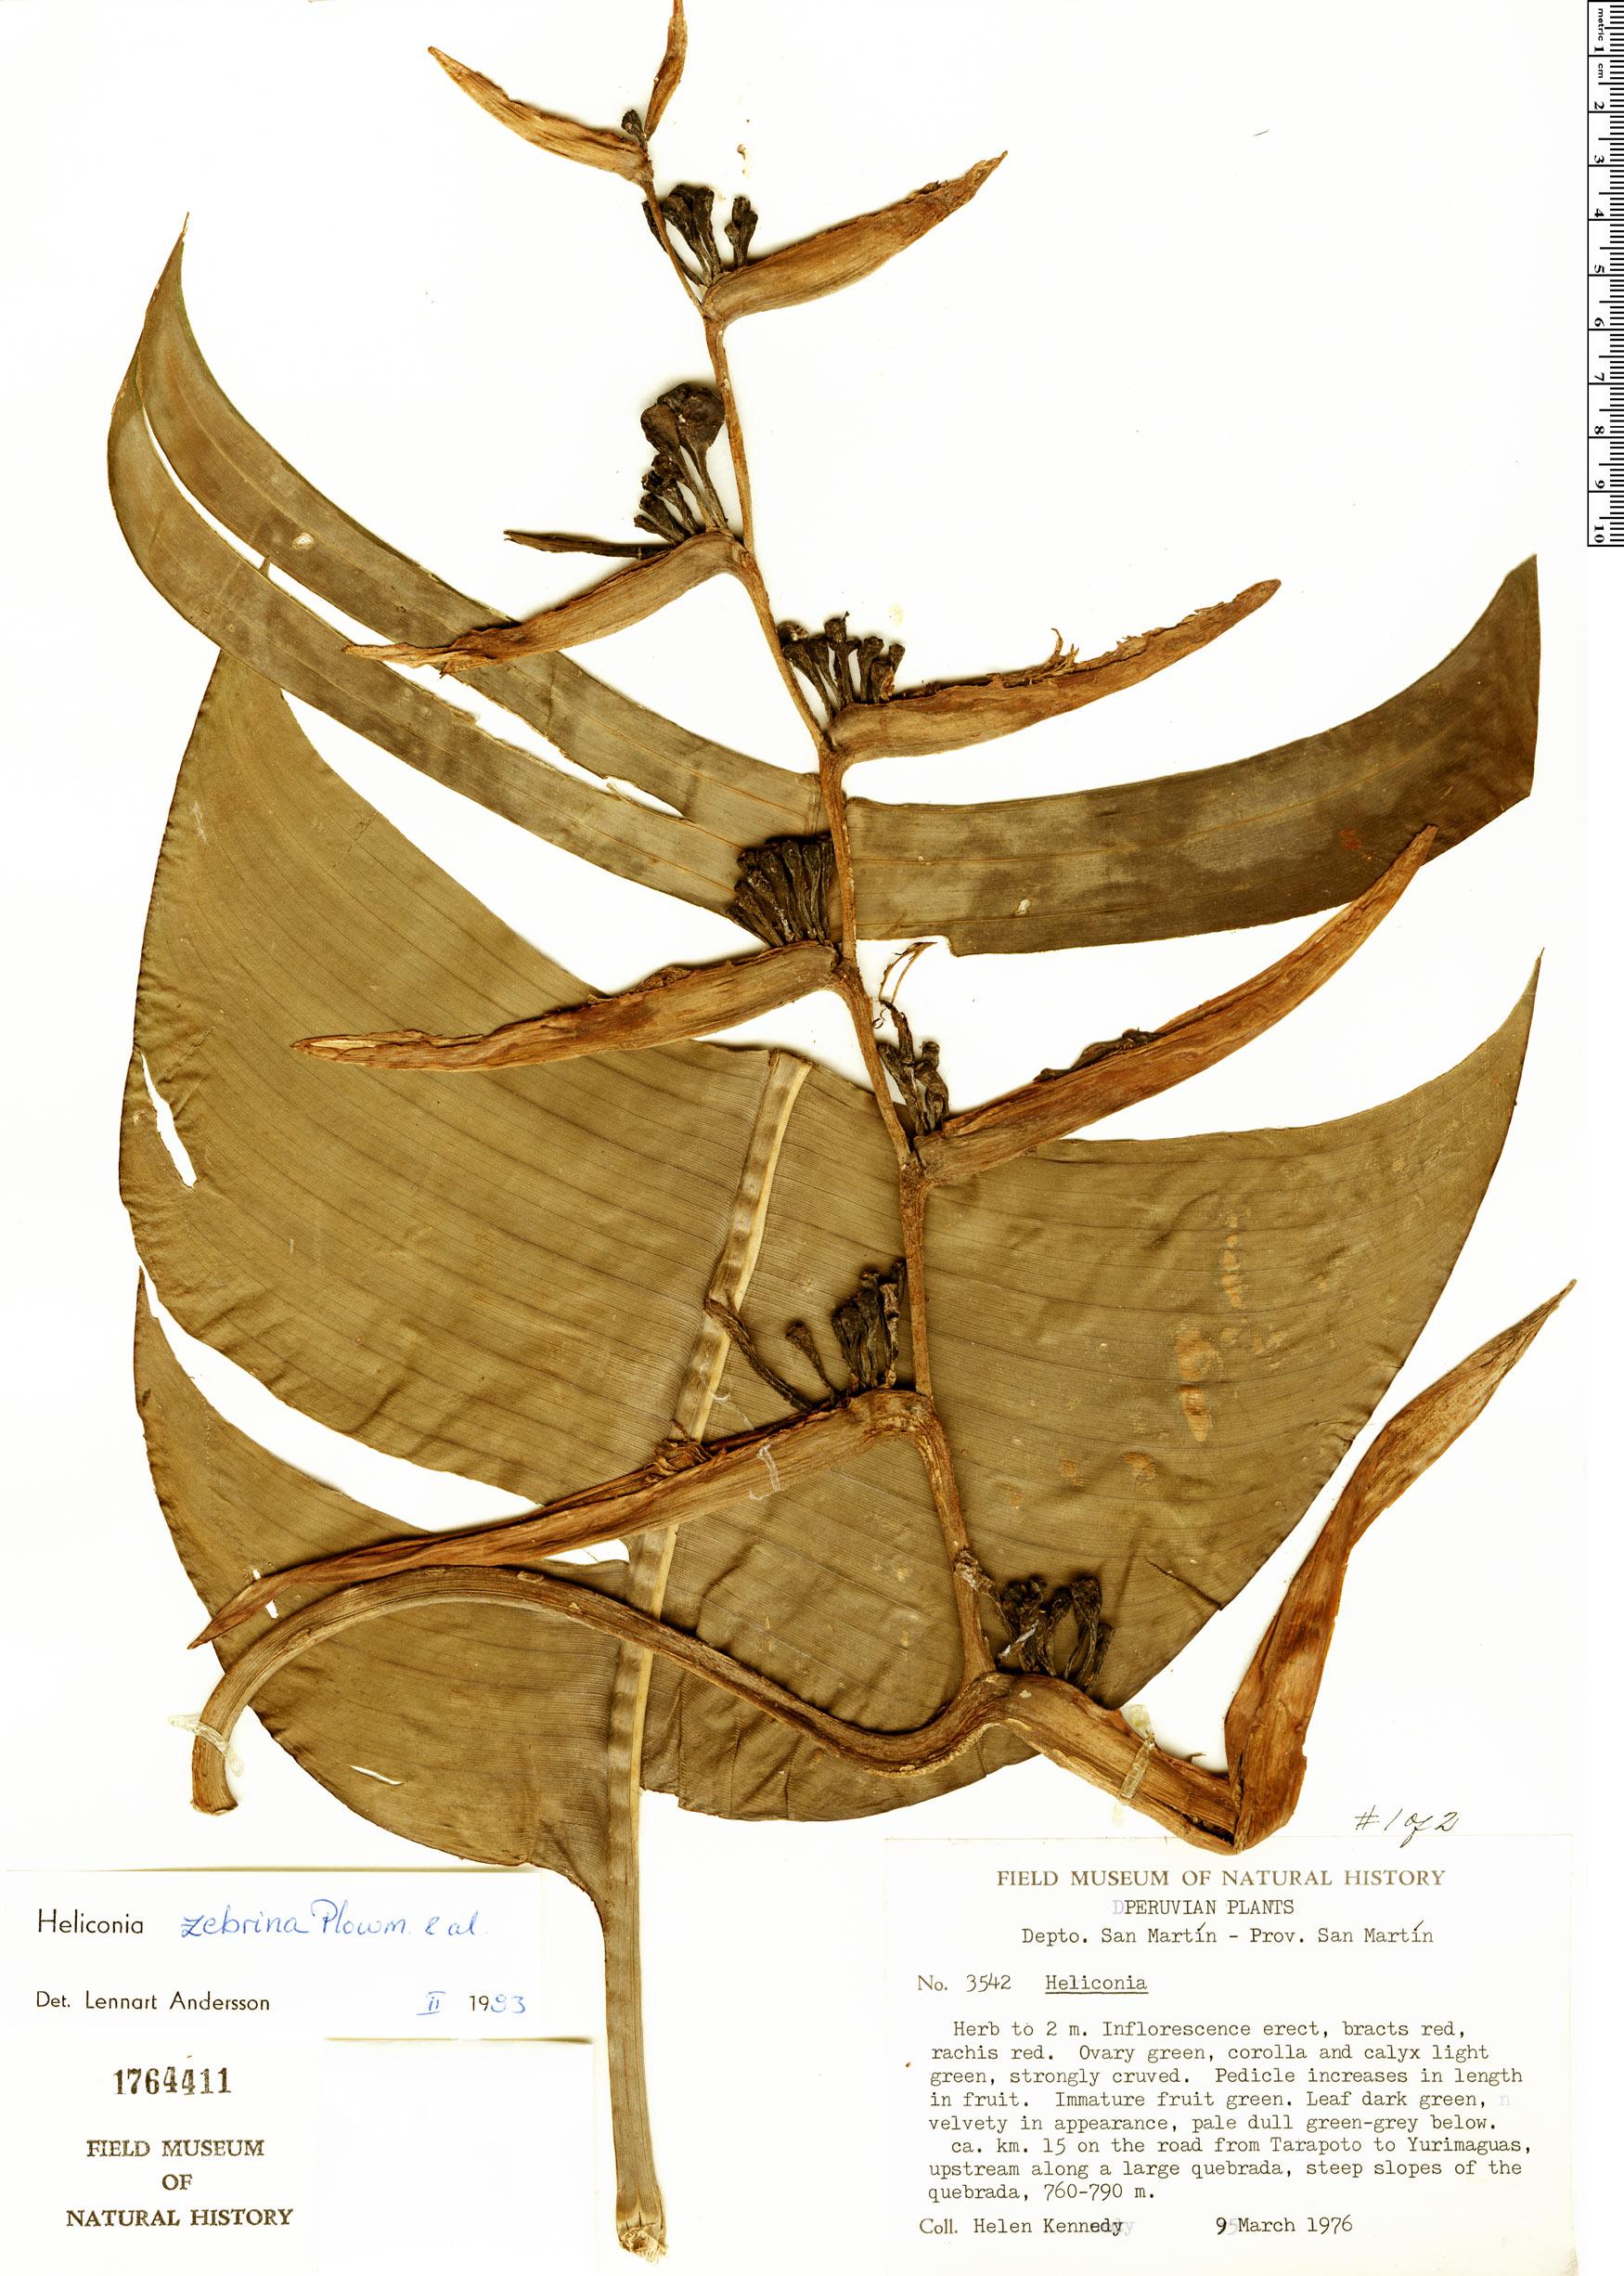 Specimen: Heliconia zebrina